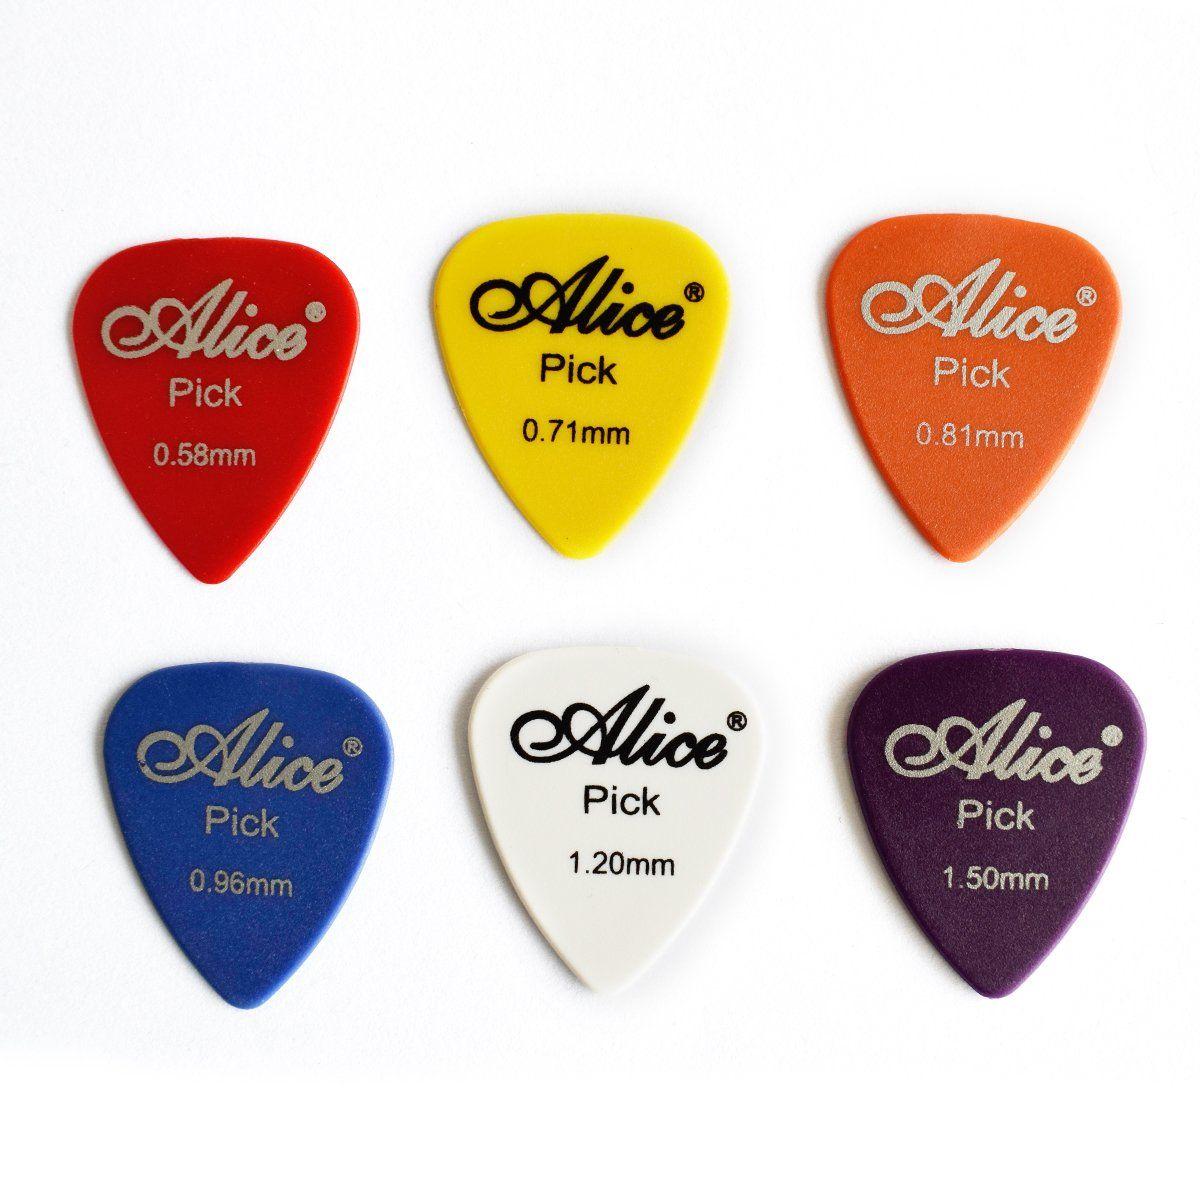 100 Pcs Guitar Picks Plectrum Various Colors 6 Gauges 0 58 0 71 0 81 0 96 1 20 1 50mm For Acoustic And Electric Guitars Pa Guitar Guitar Picks Electric Guitar